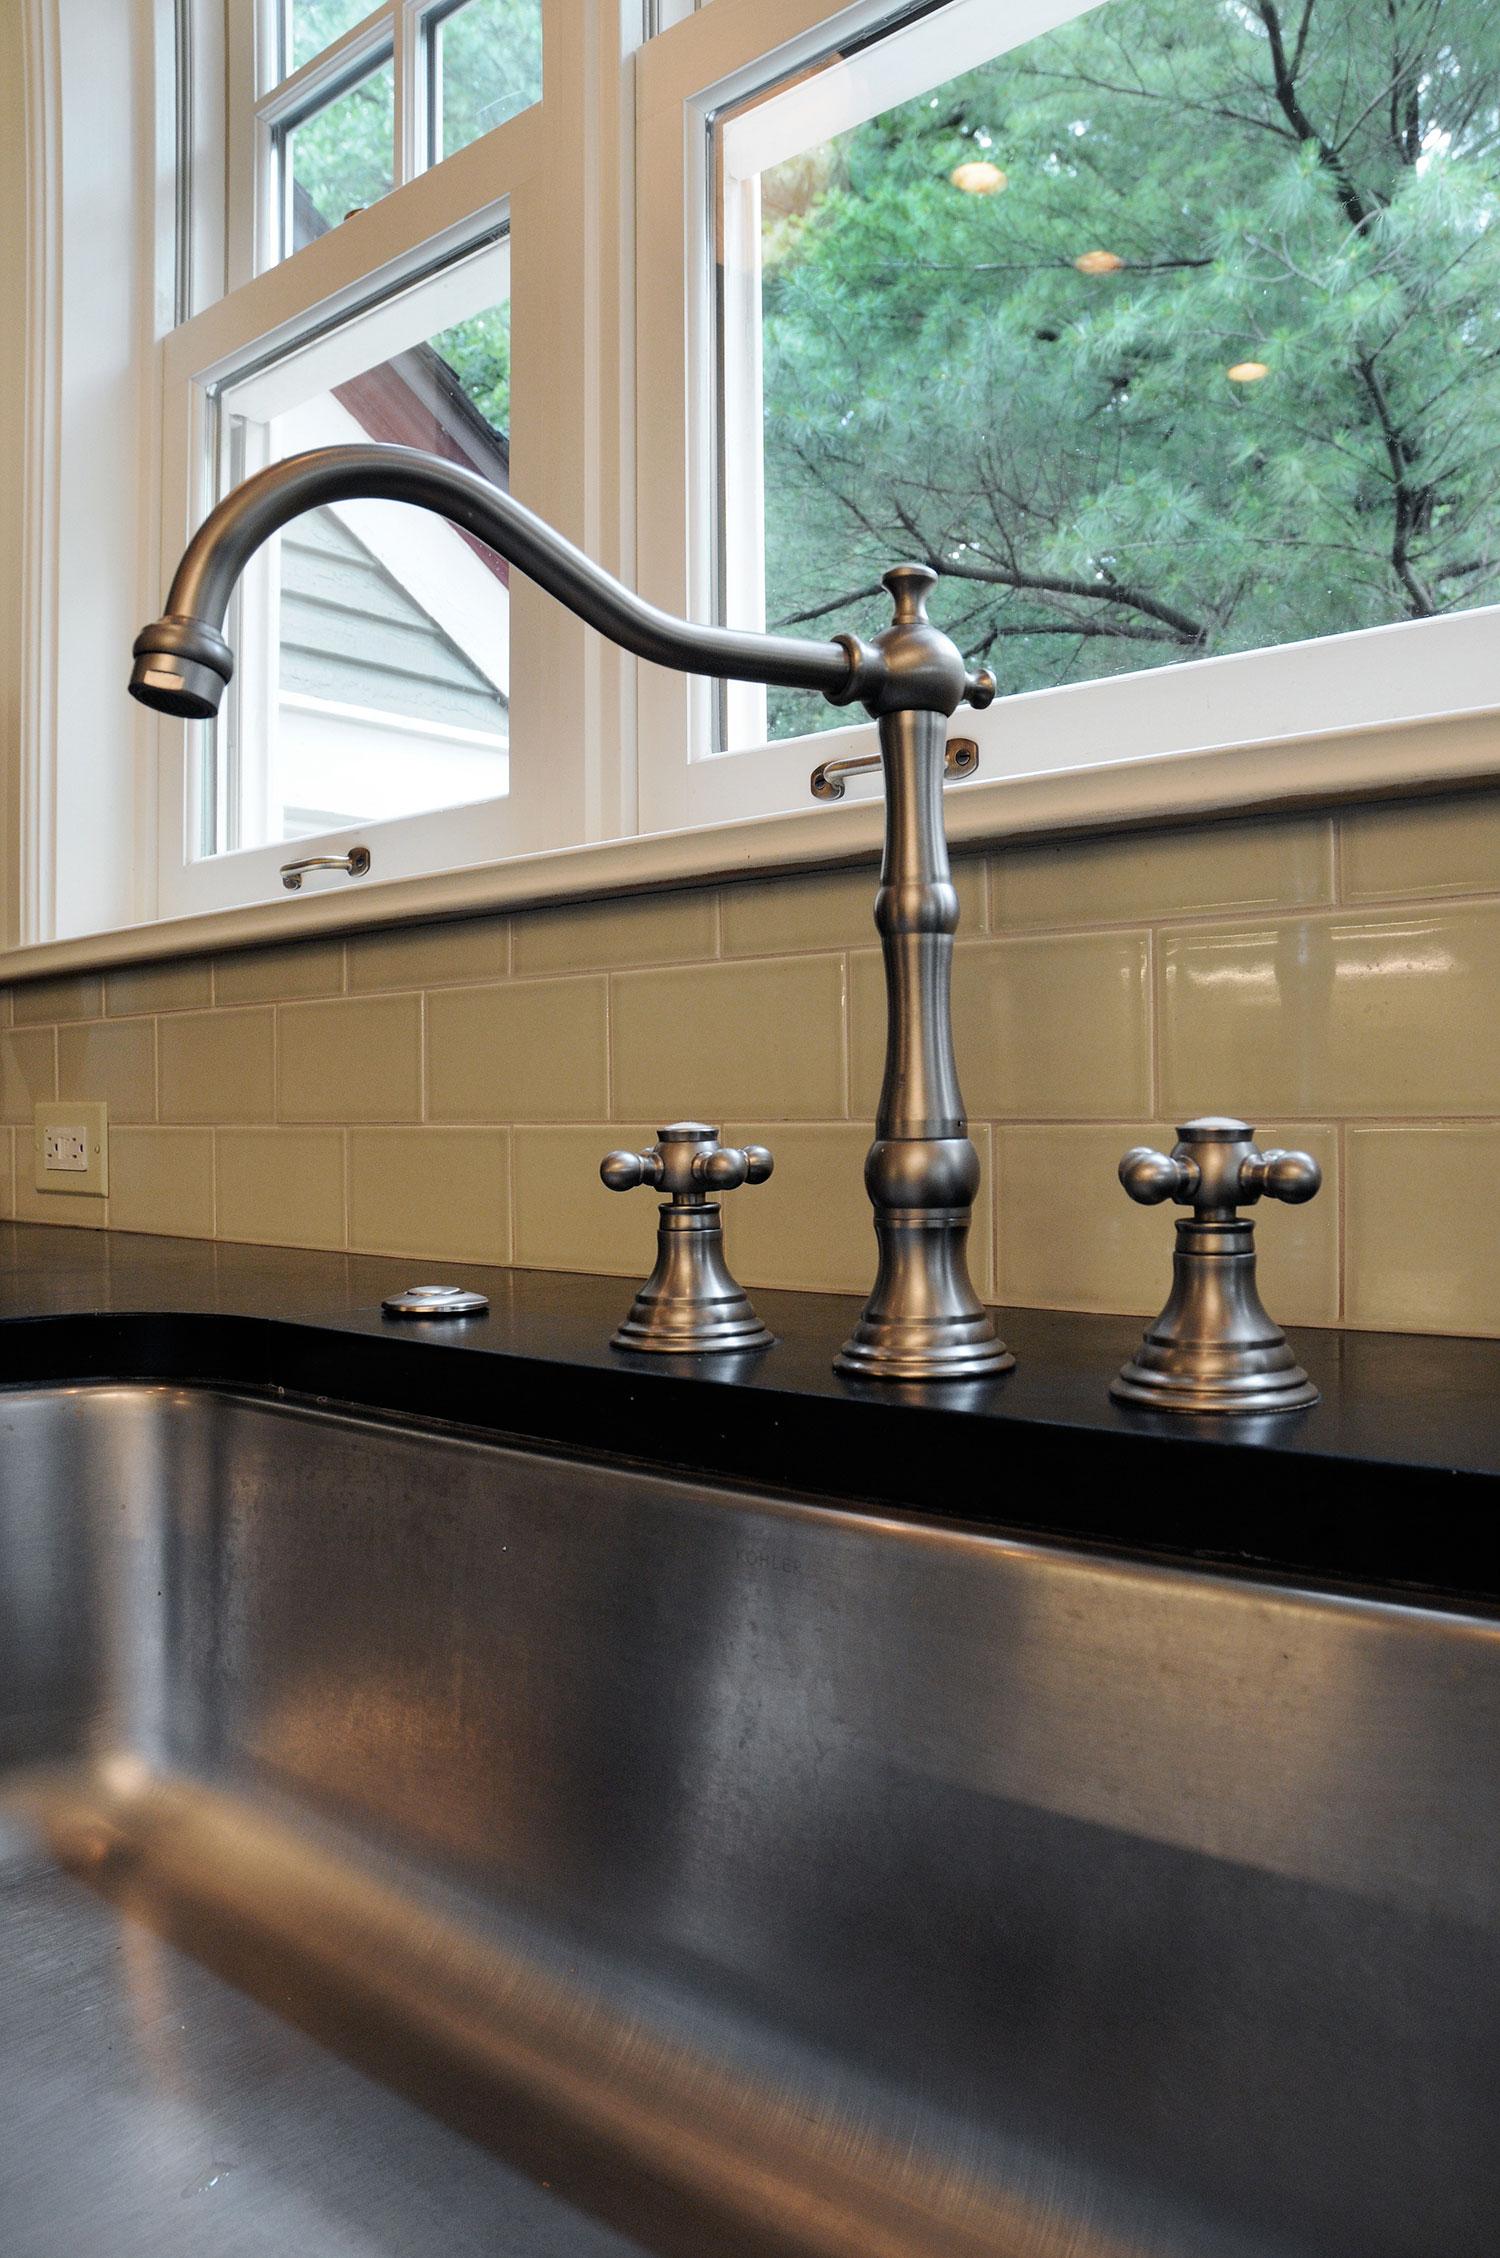 Eastlake-Victorian-Kitchen-Sink.jpg